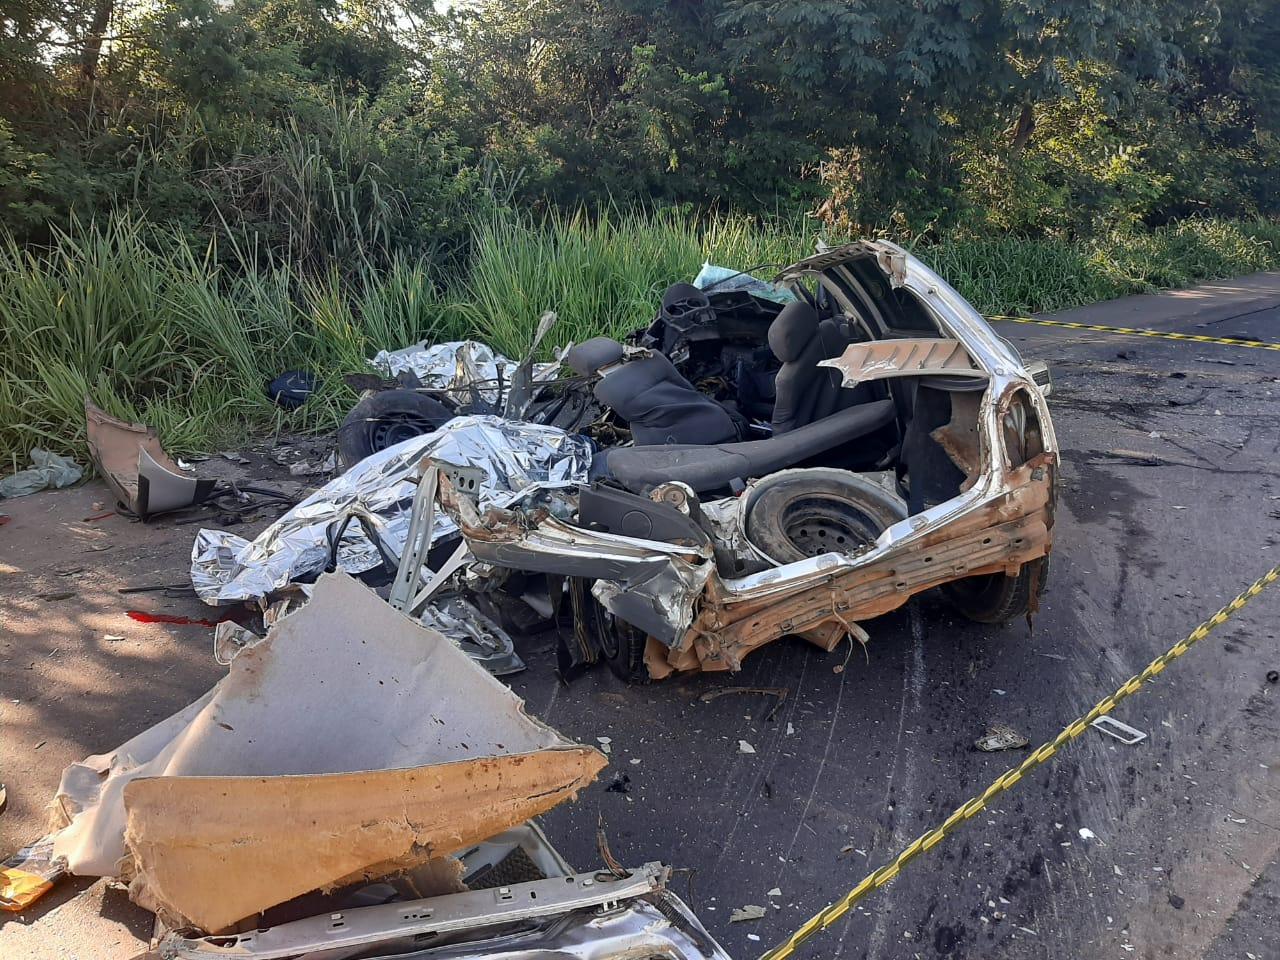 Três pessoas morrem em acidente na BR-365, em Montes Claros - Foto: Divulgação/Corpo de Bombeiros